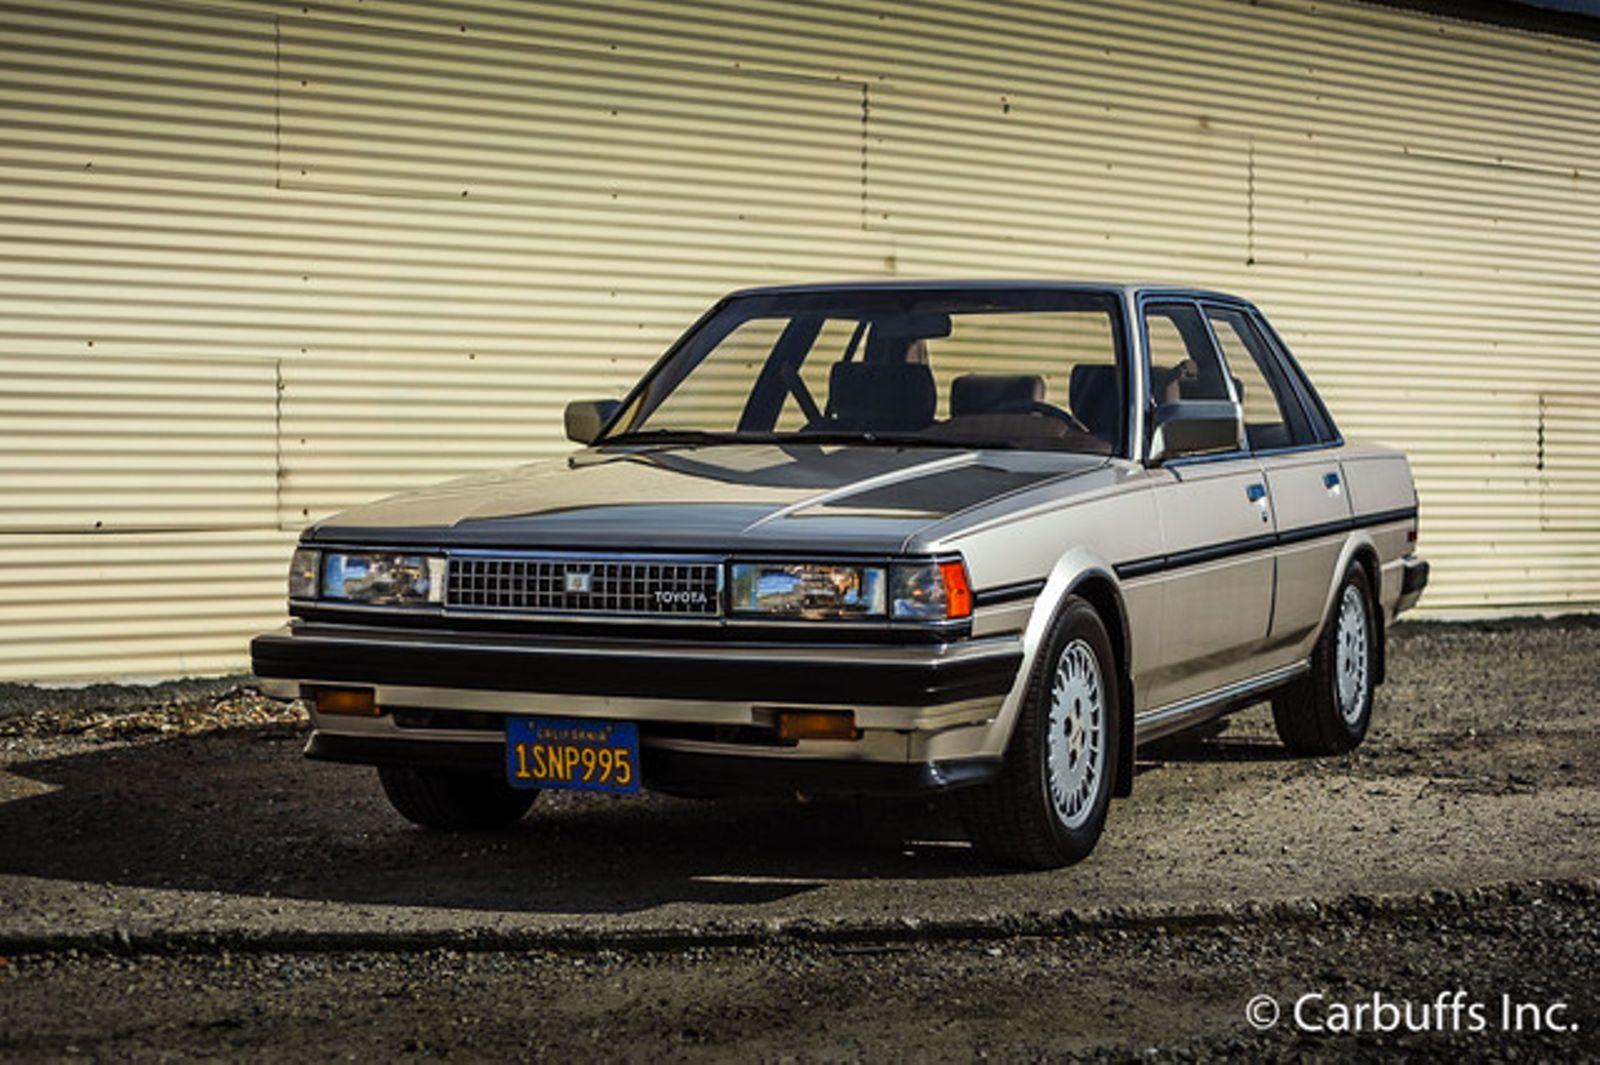 Toyota Of Concord >> 1987 Toyota Cressida Luxury | Concord, CA | Carbuffs | Concord CA 94520